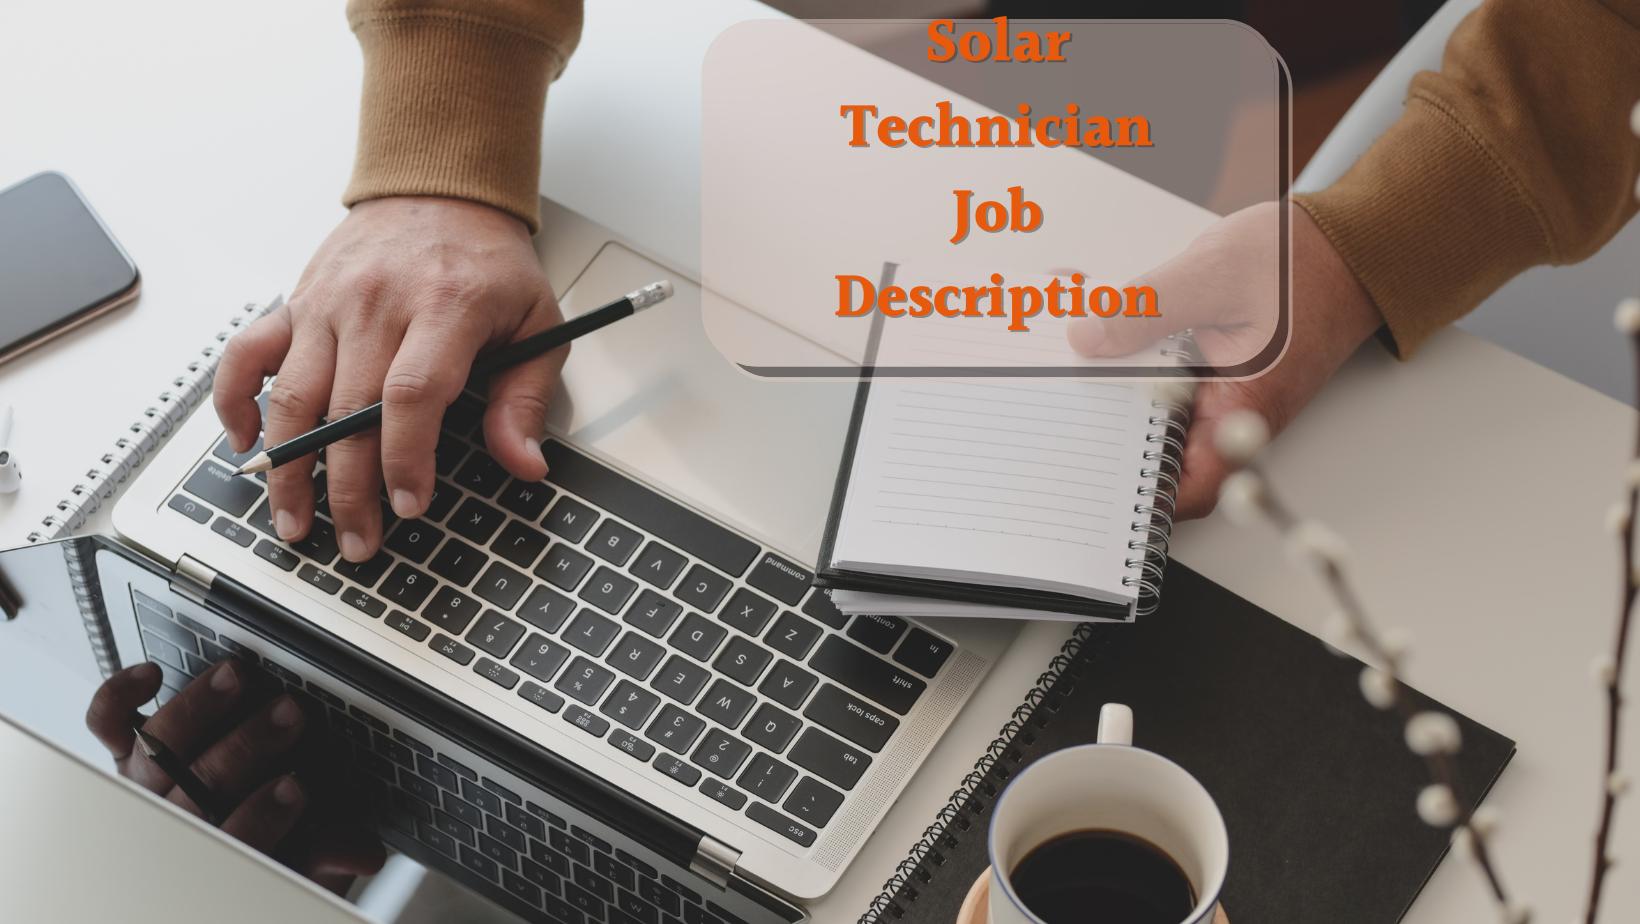 Solar Technician Job Description